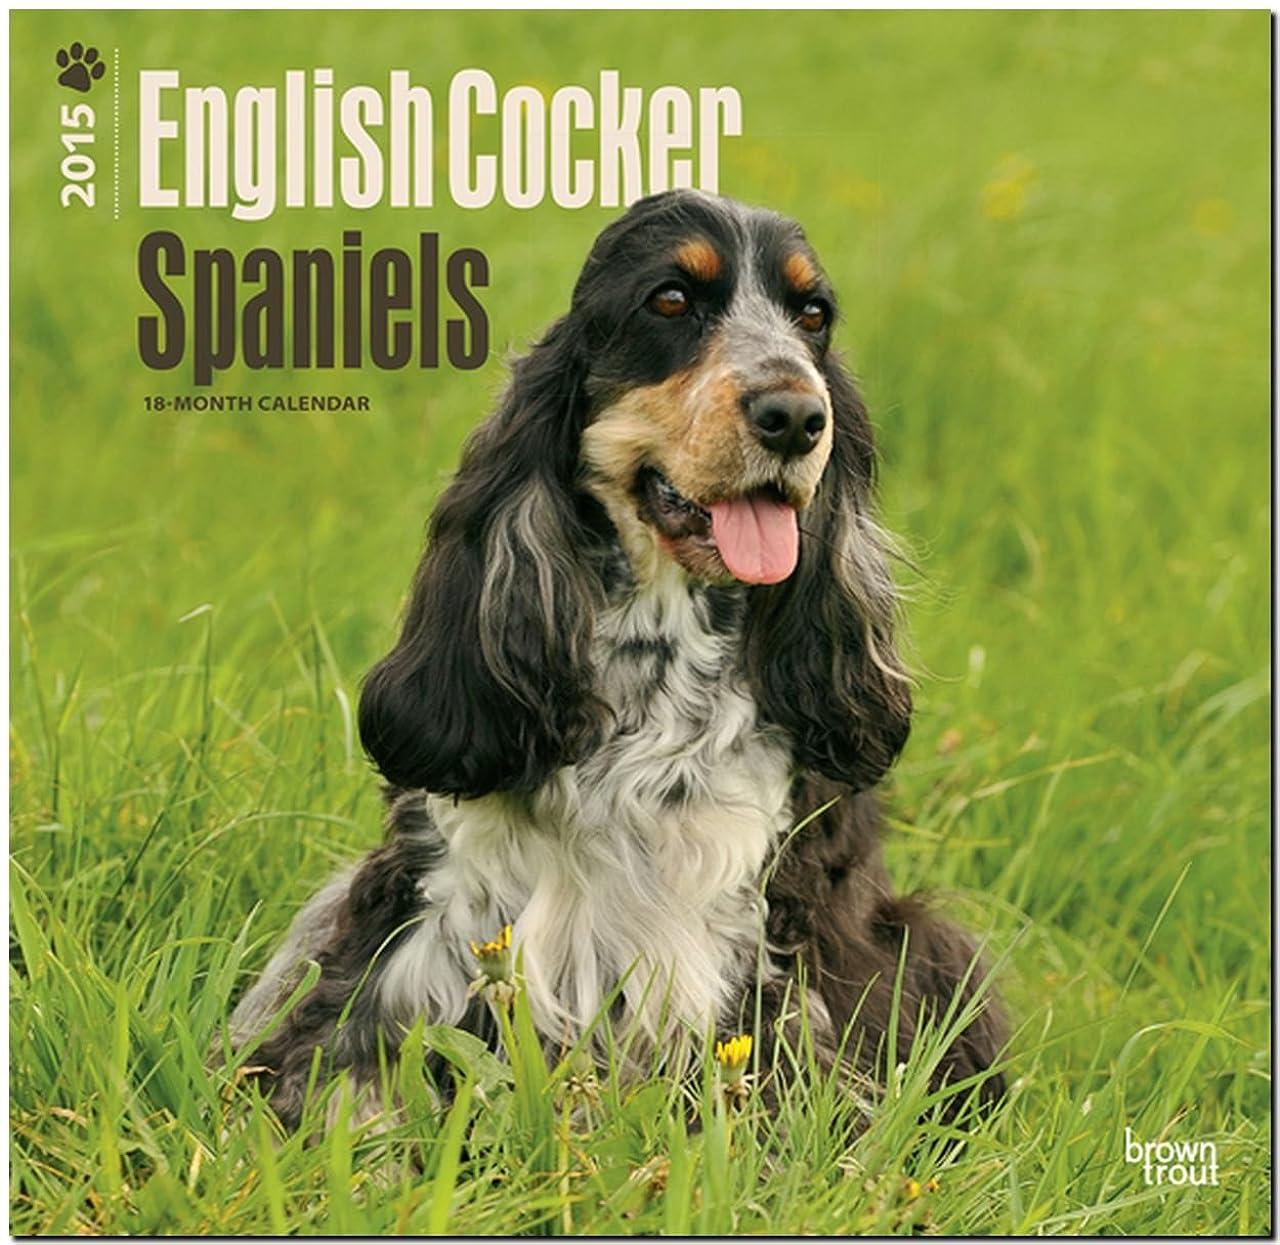 前提おじいちゃんアリEnglish Cocker Spaniels 2015 18 Month Calendar